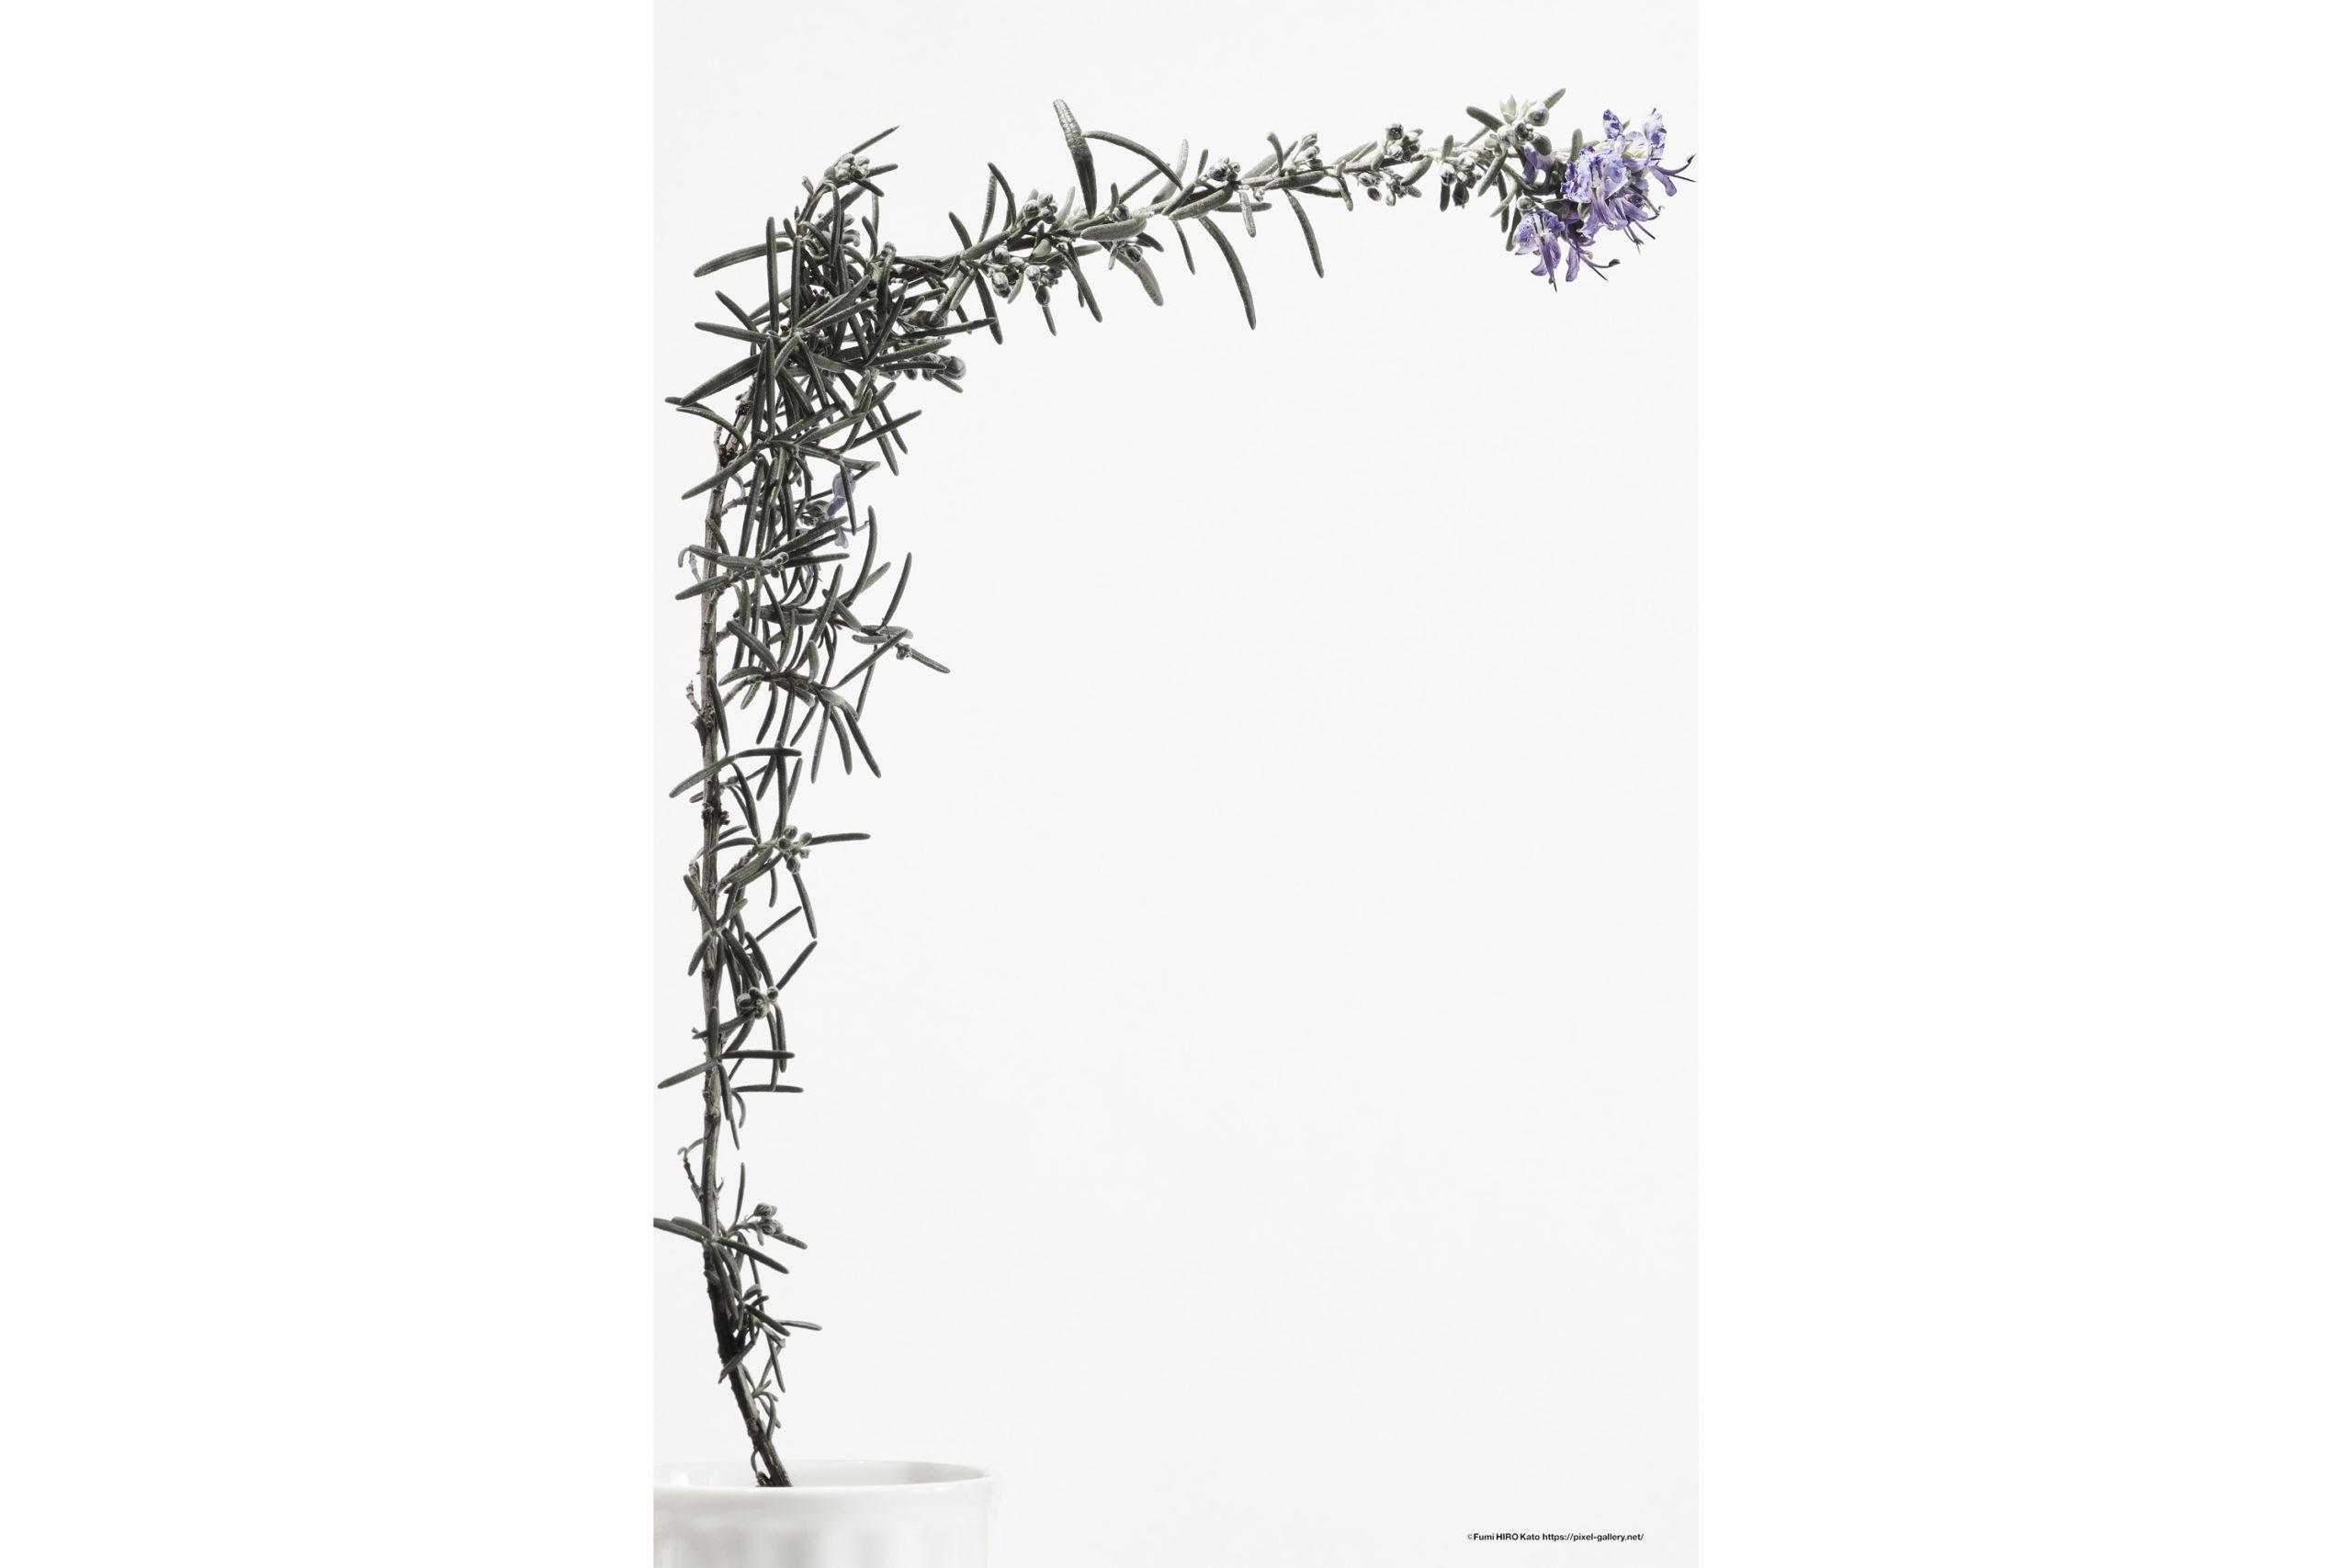 ハナ 2020-008 Rosemary #1